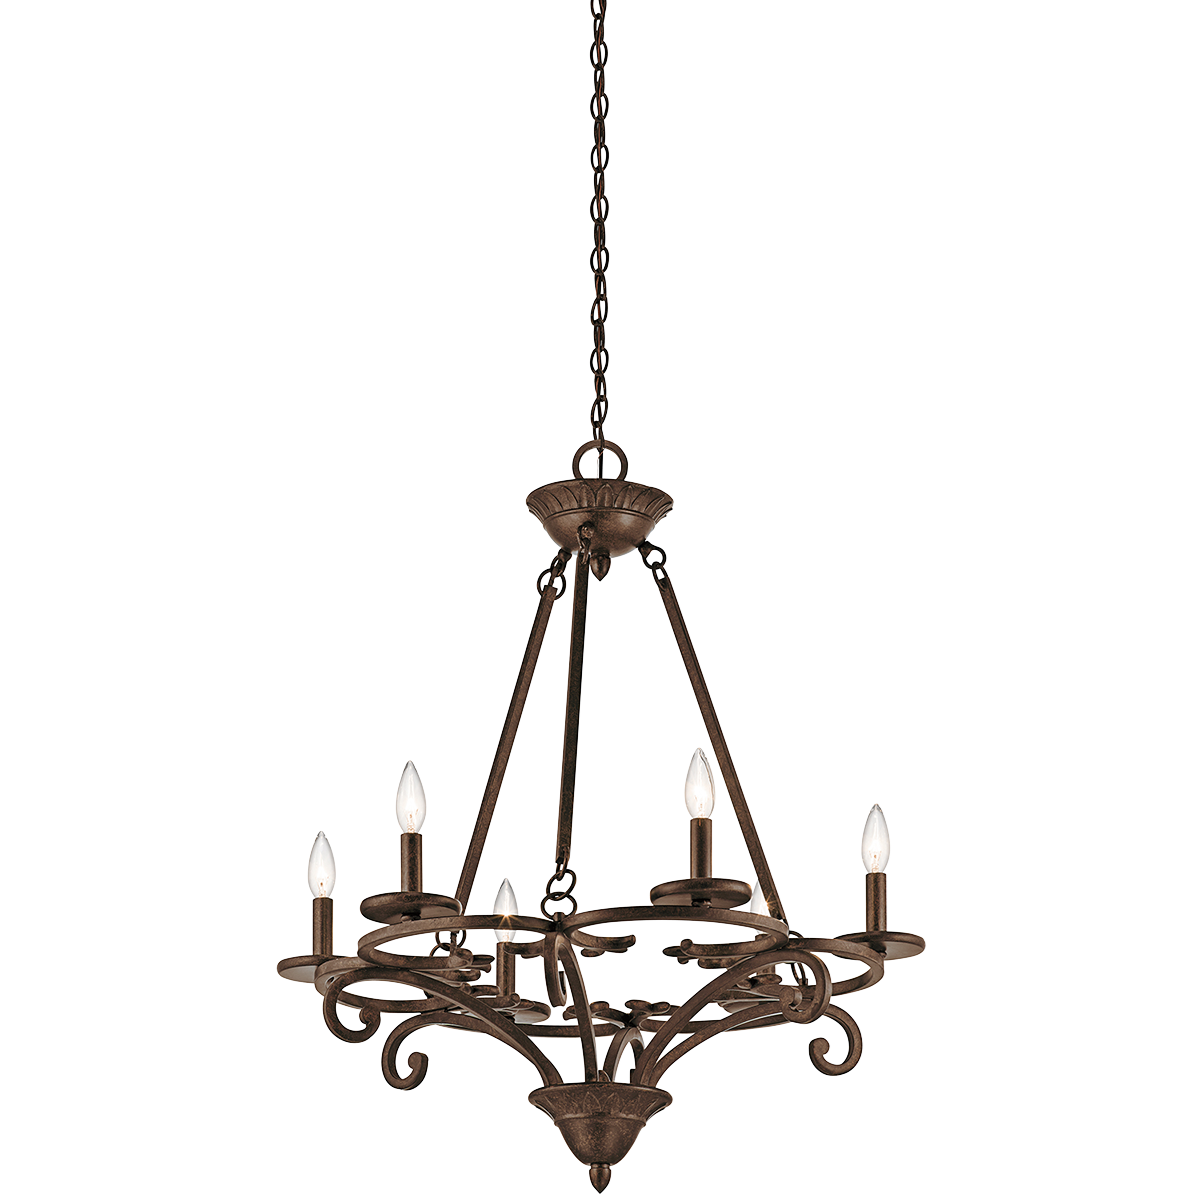 Caldella 6 Light Chandleier in Aged Bronze - for breakfast room?